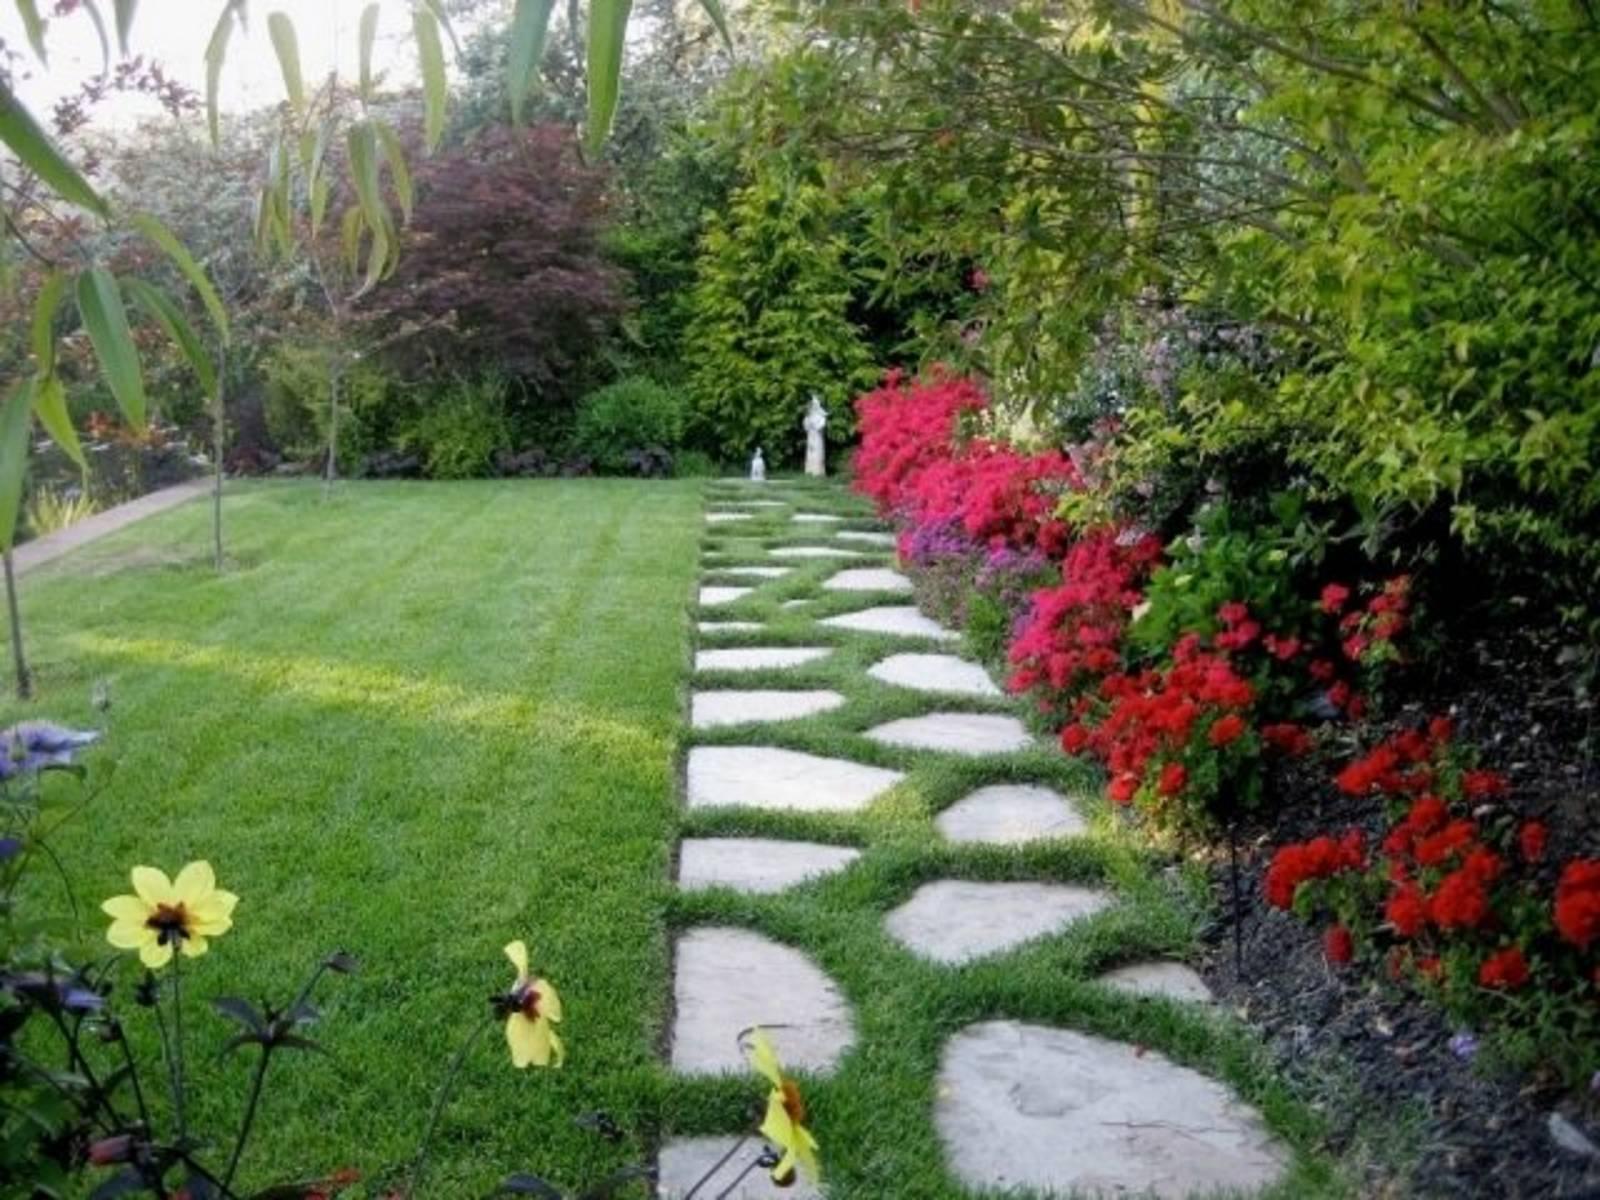 Création D'une Allée De Jardin Avec Gazon En Plaques Par ... intérieur Jardin Avec Galets Blancs